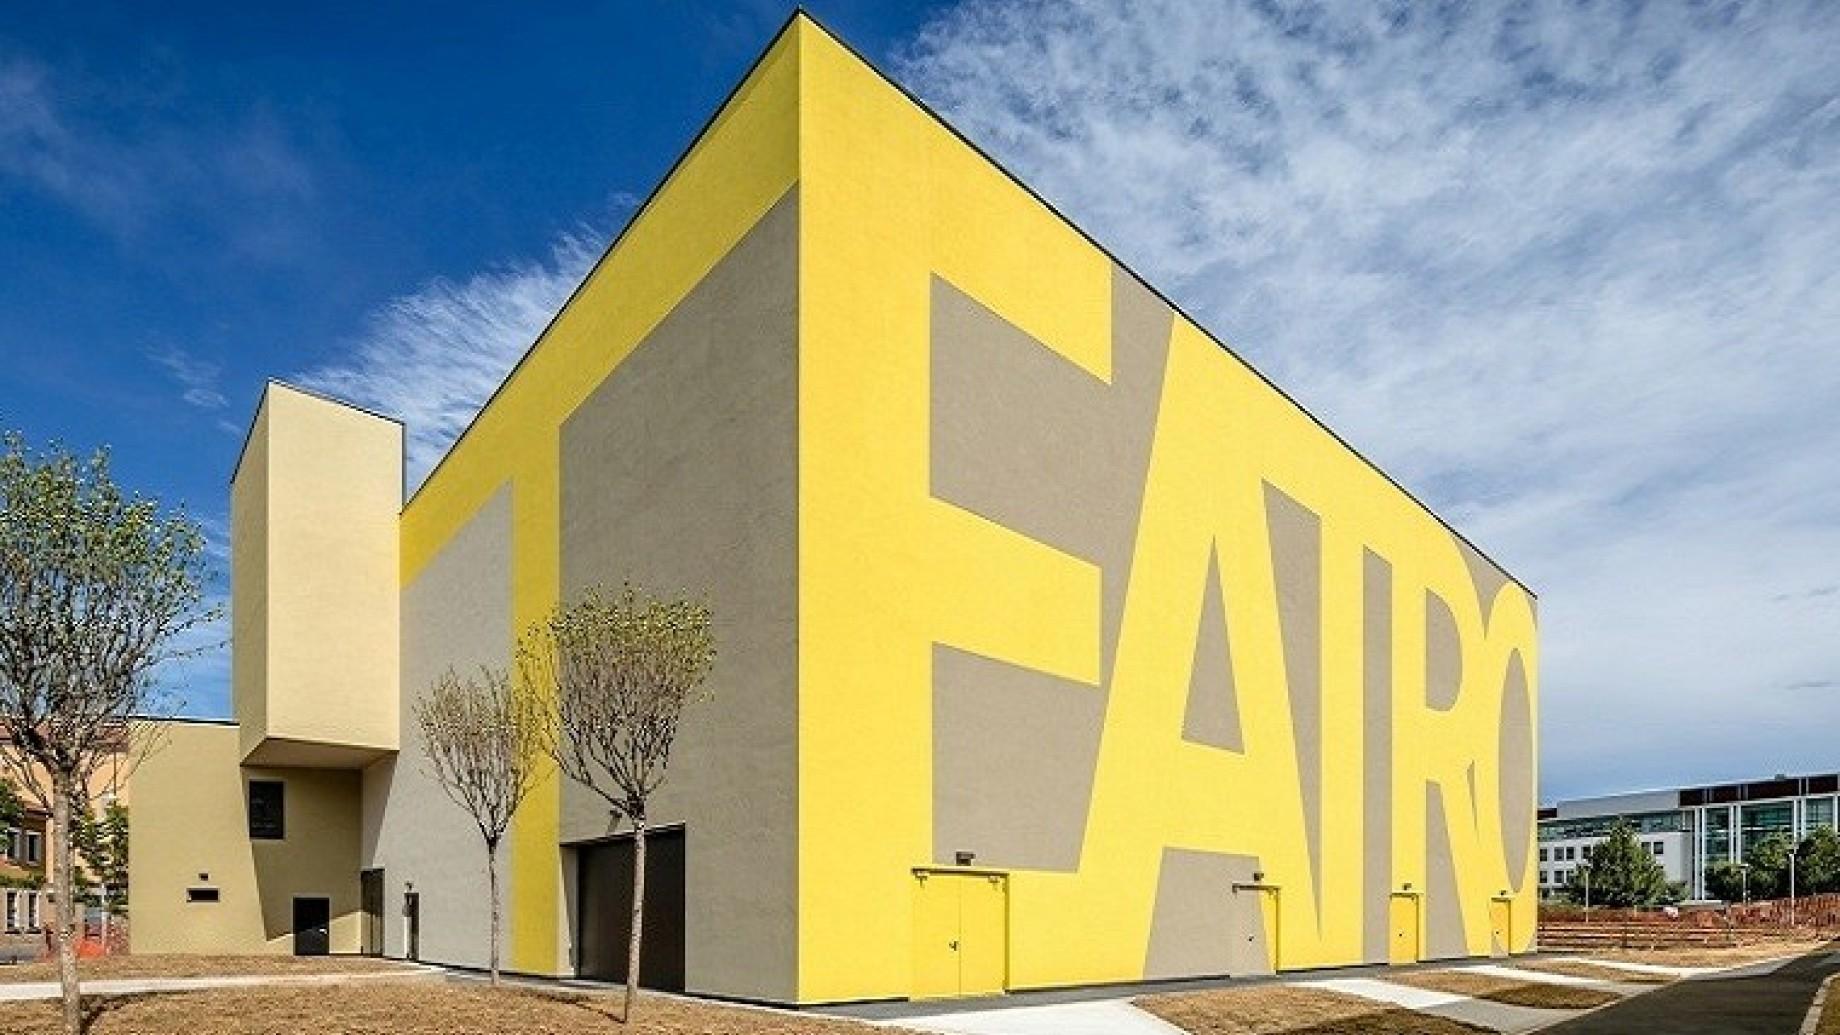 Oltre 2000 mq per 3 piani di edificio ecco il nuovo for Edificio a 3 piani